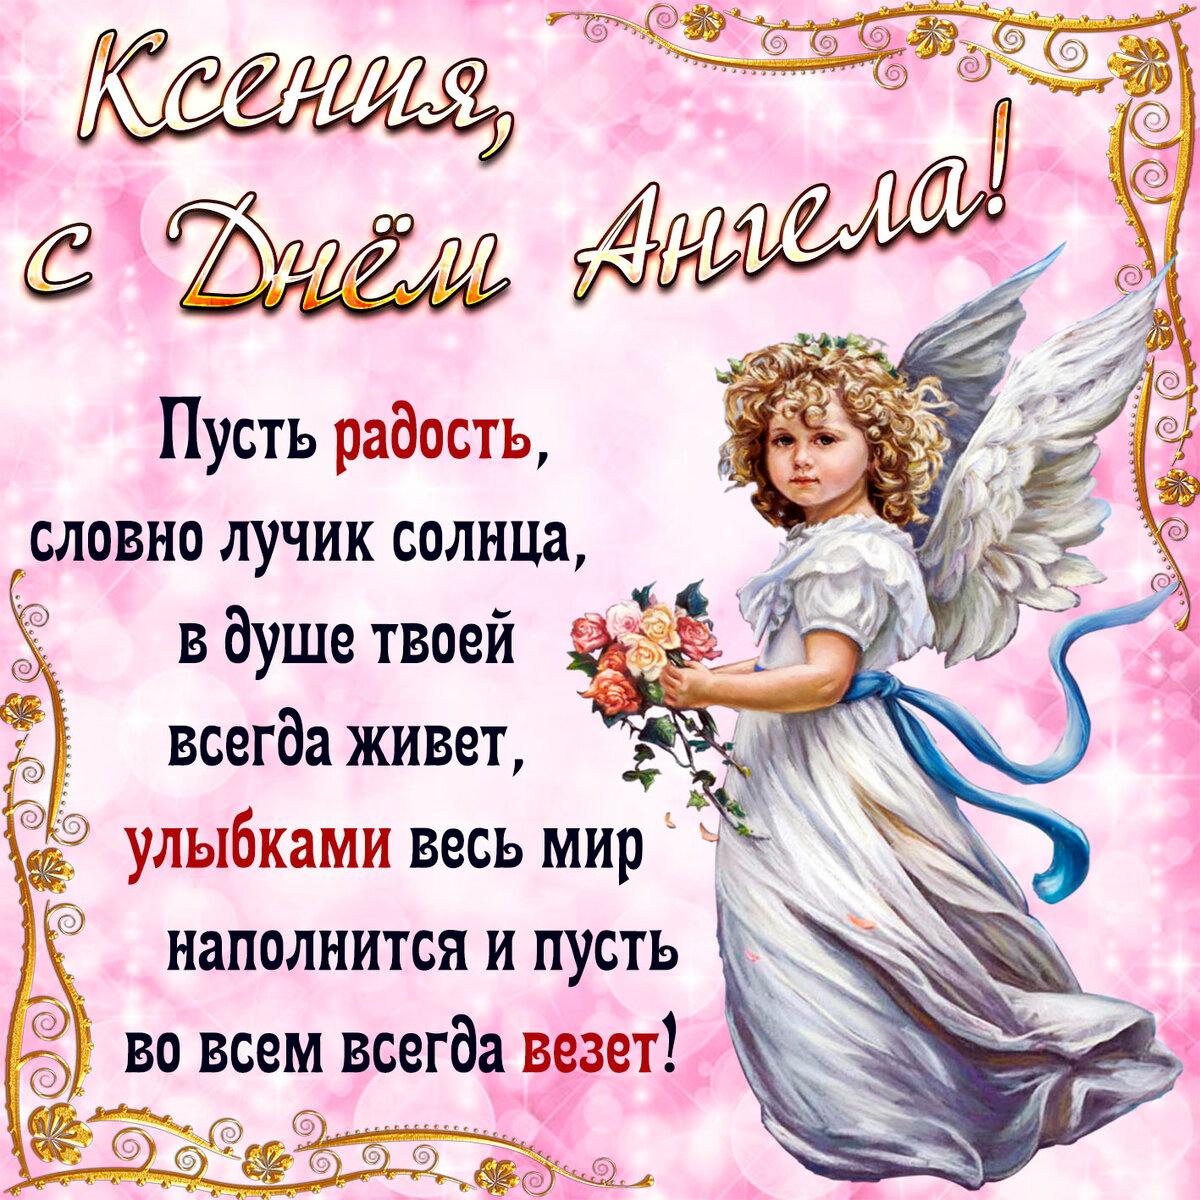 Открытки с поздравлениями на день ангела, прикольные рисунки самой